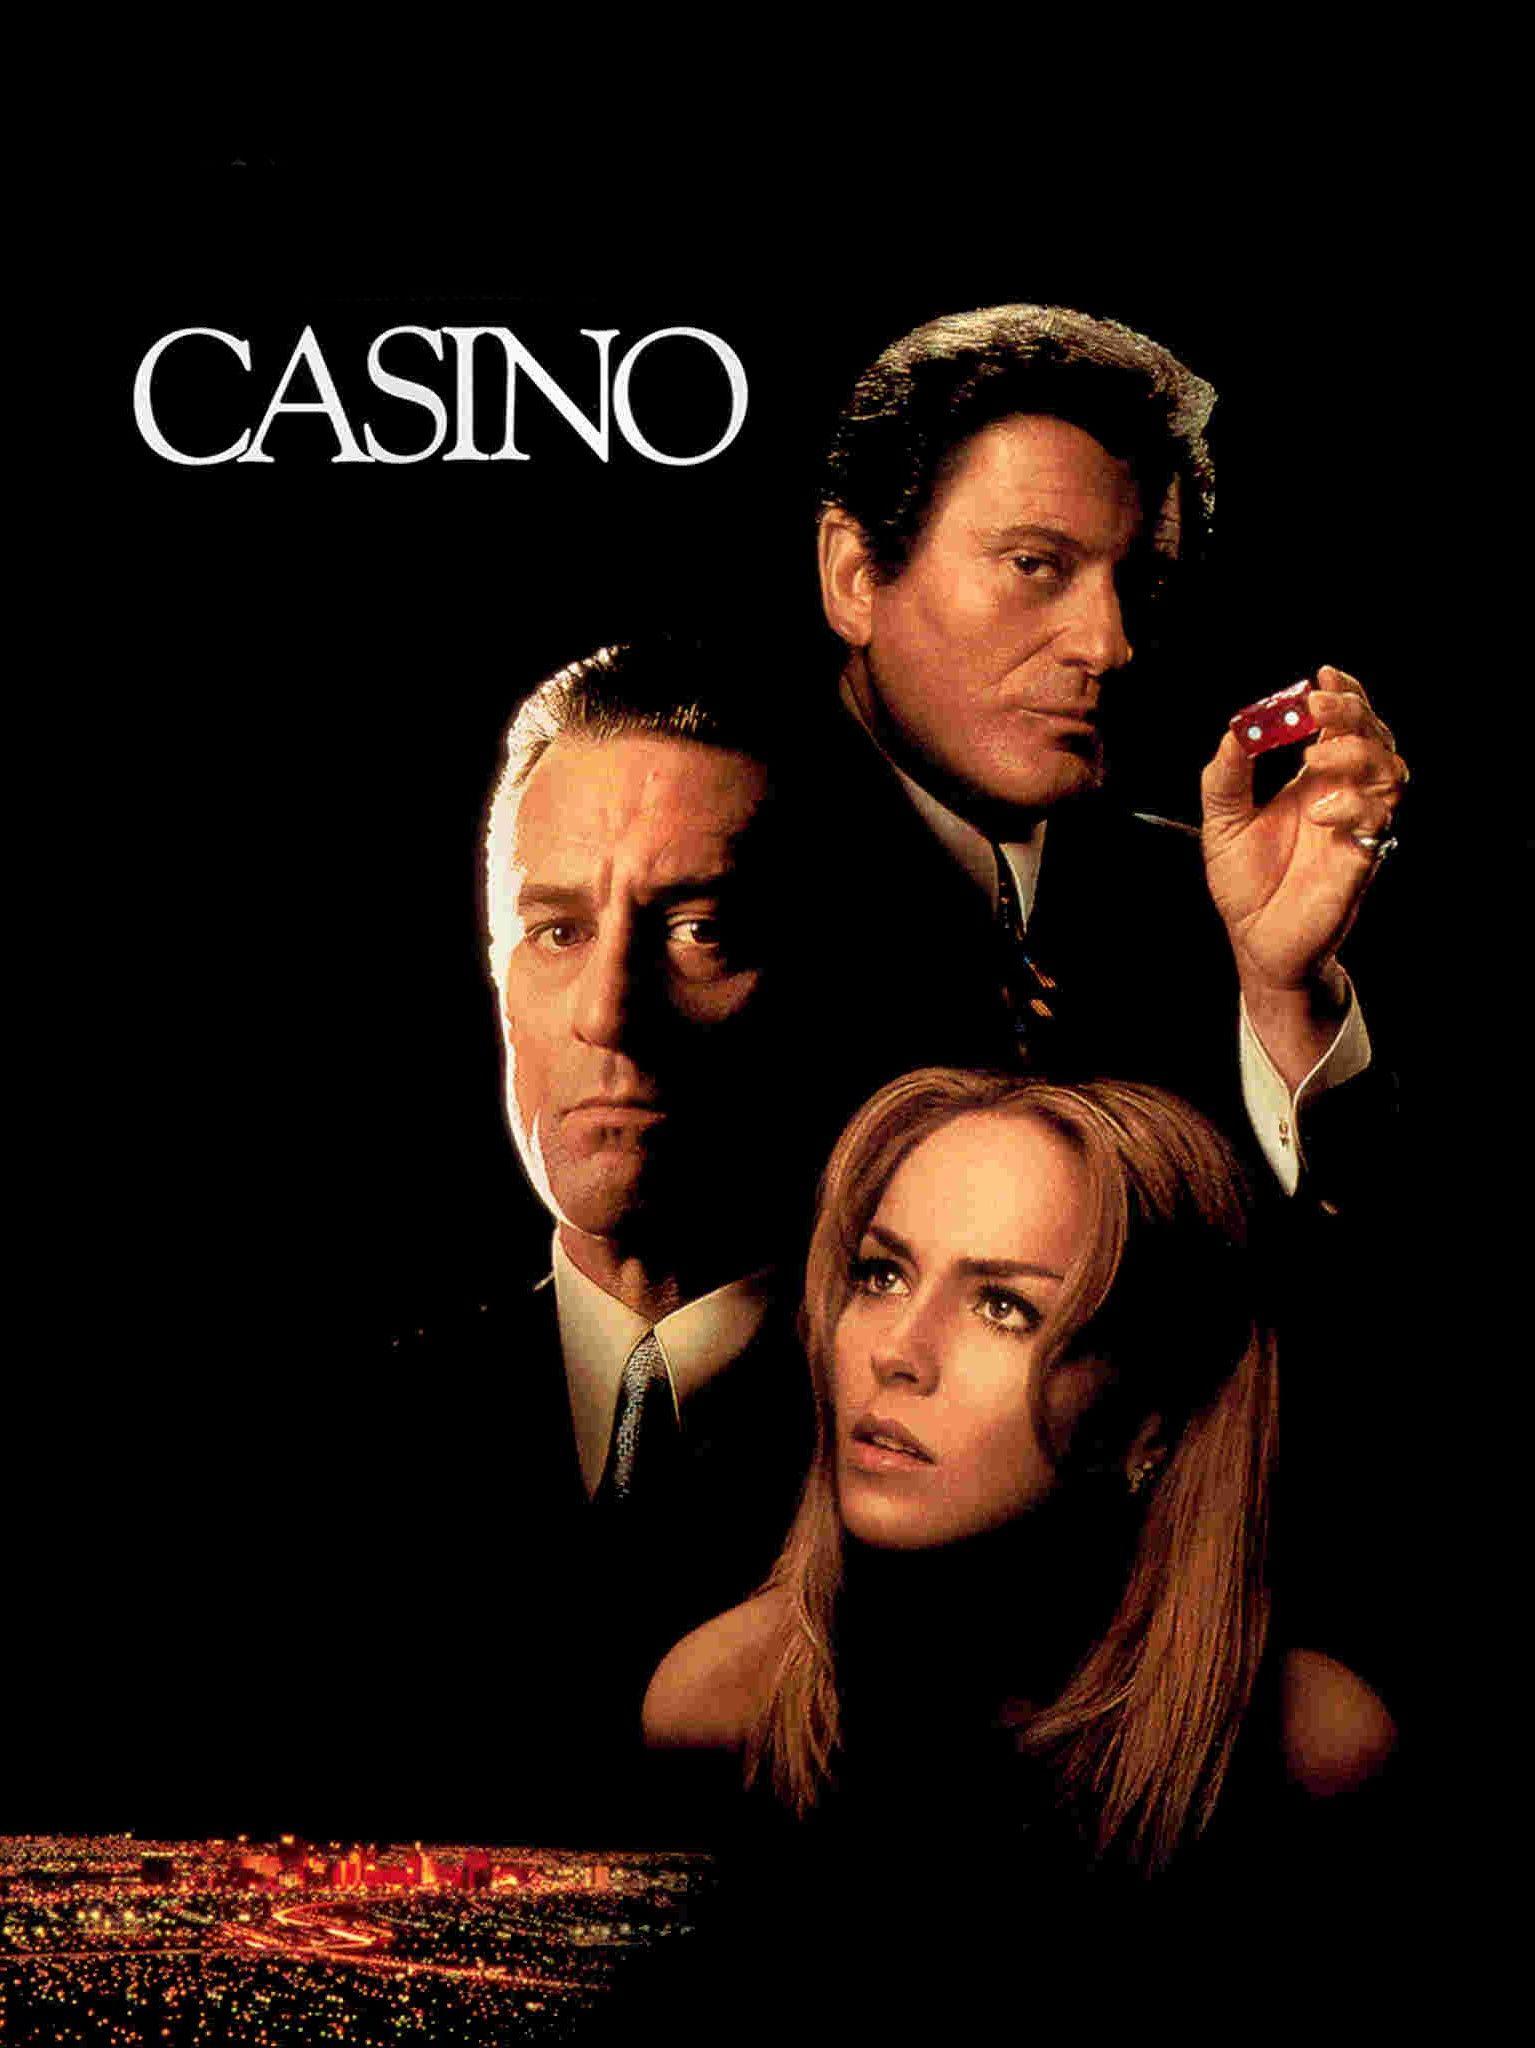 Casino Peliculas Cine Peliculas De Drama Cine De Culto